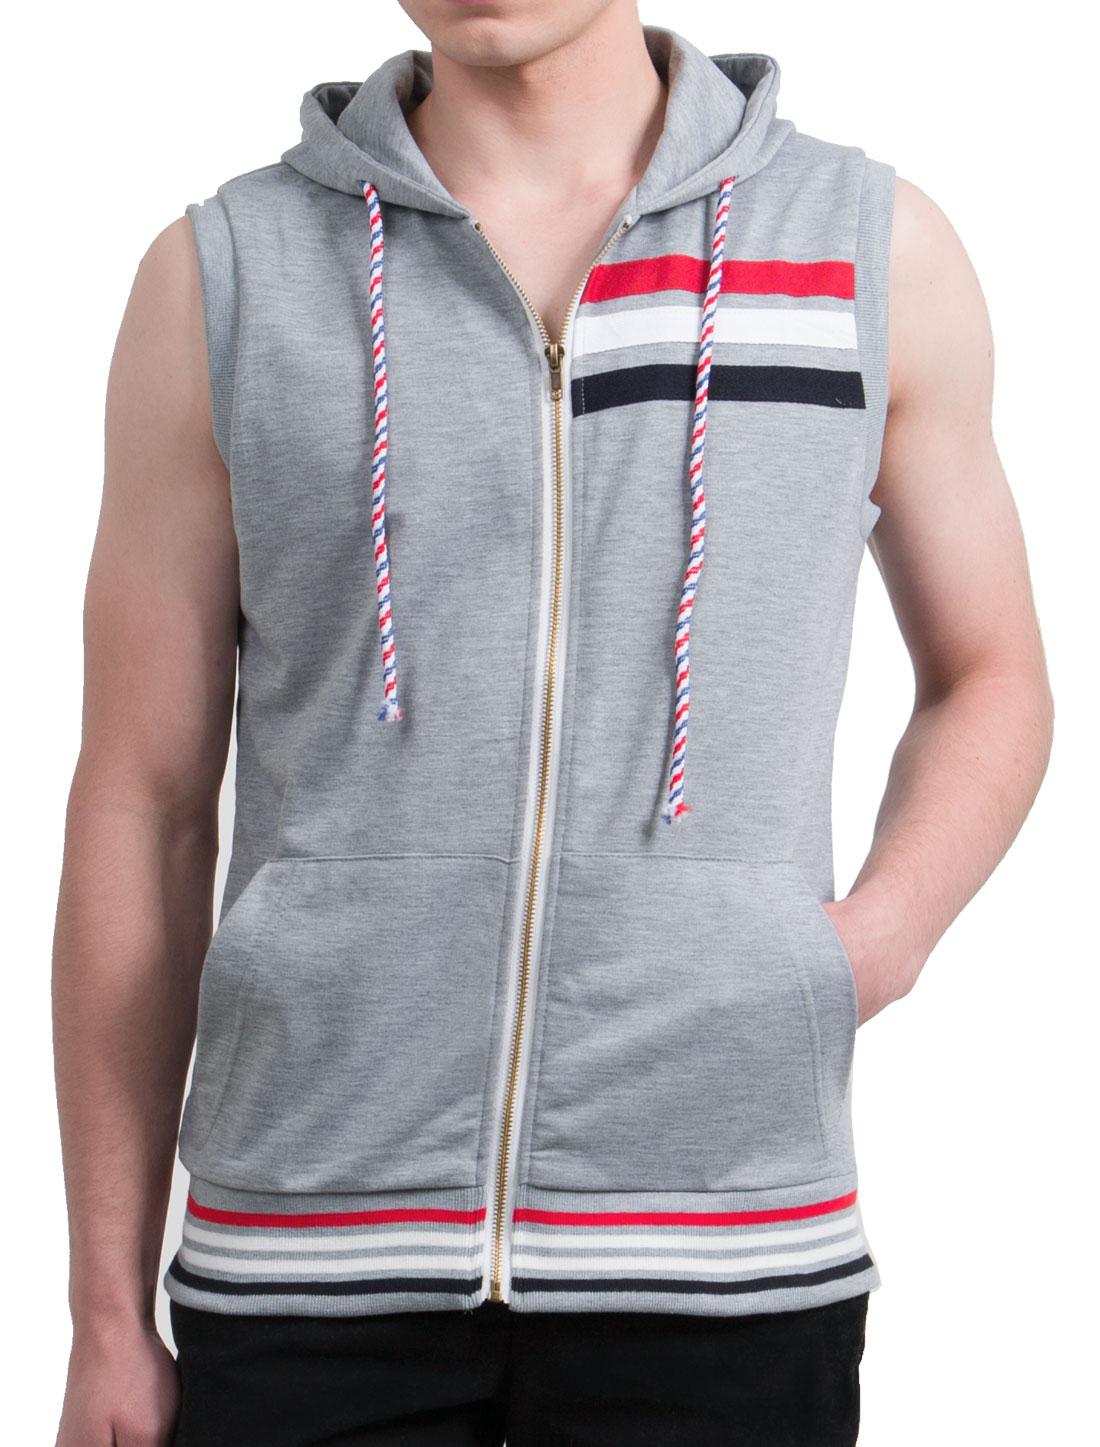 Men Zip Up Pockets Drawstring Stripes Hooded Vest Light Gray L